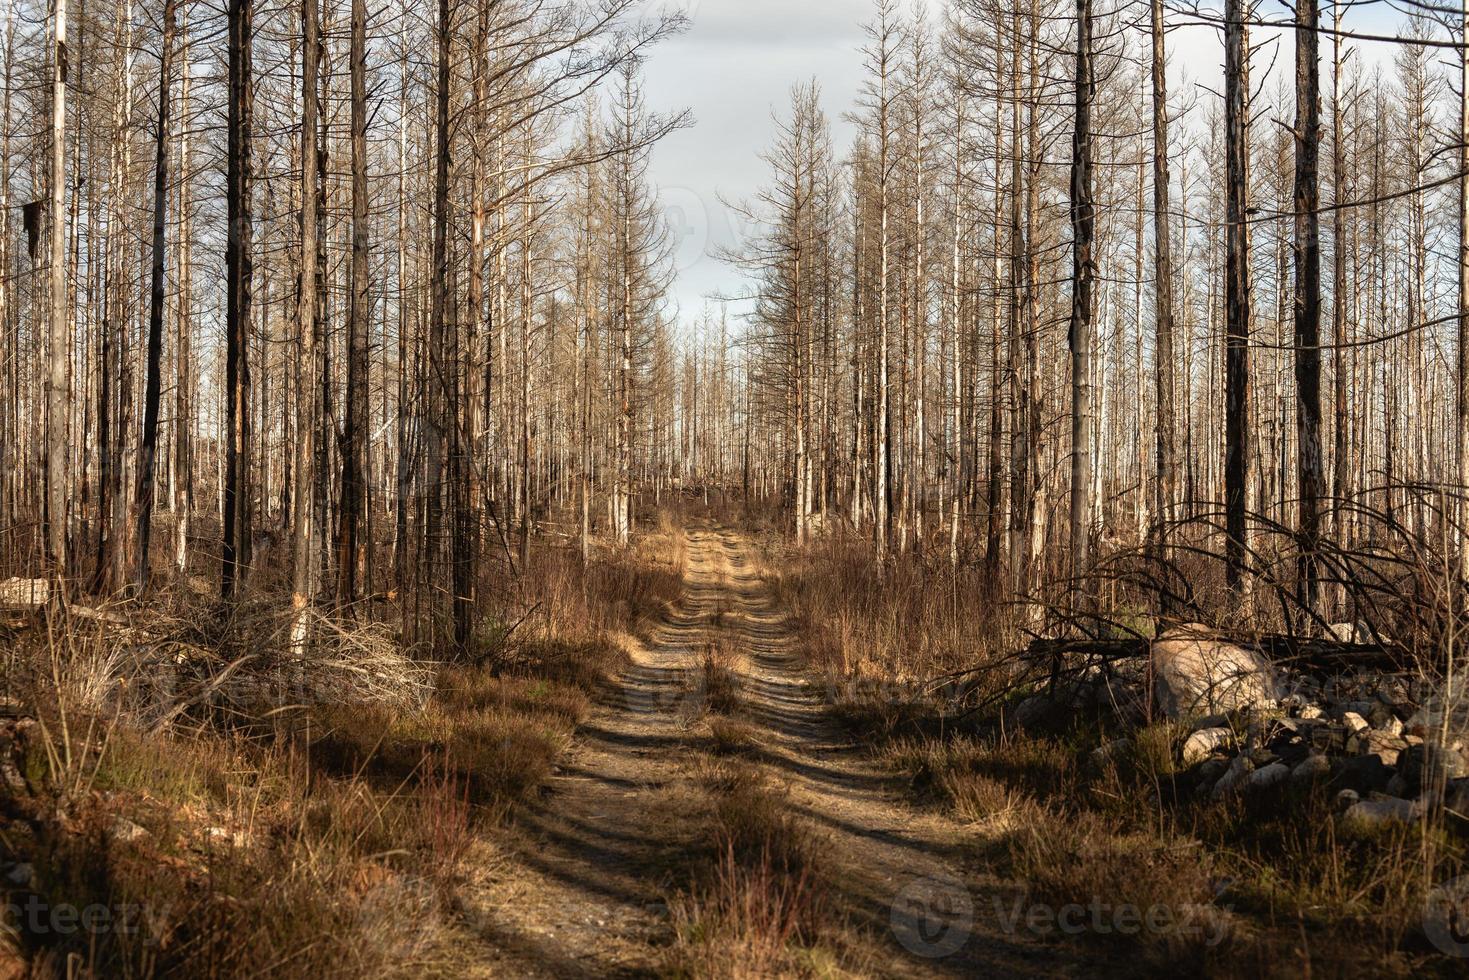 camino de tierra en un bosque de invierno foto